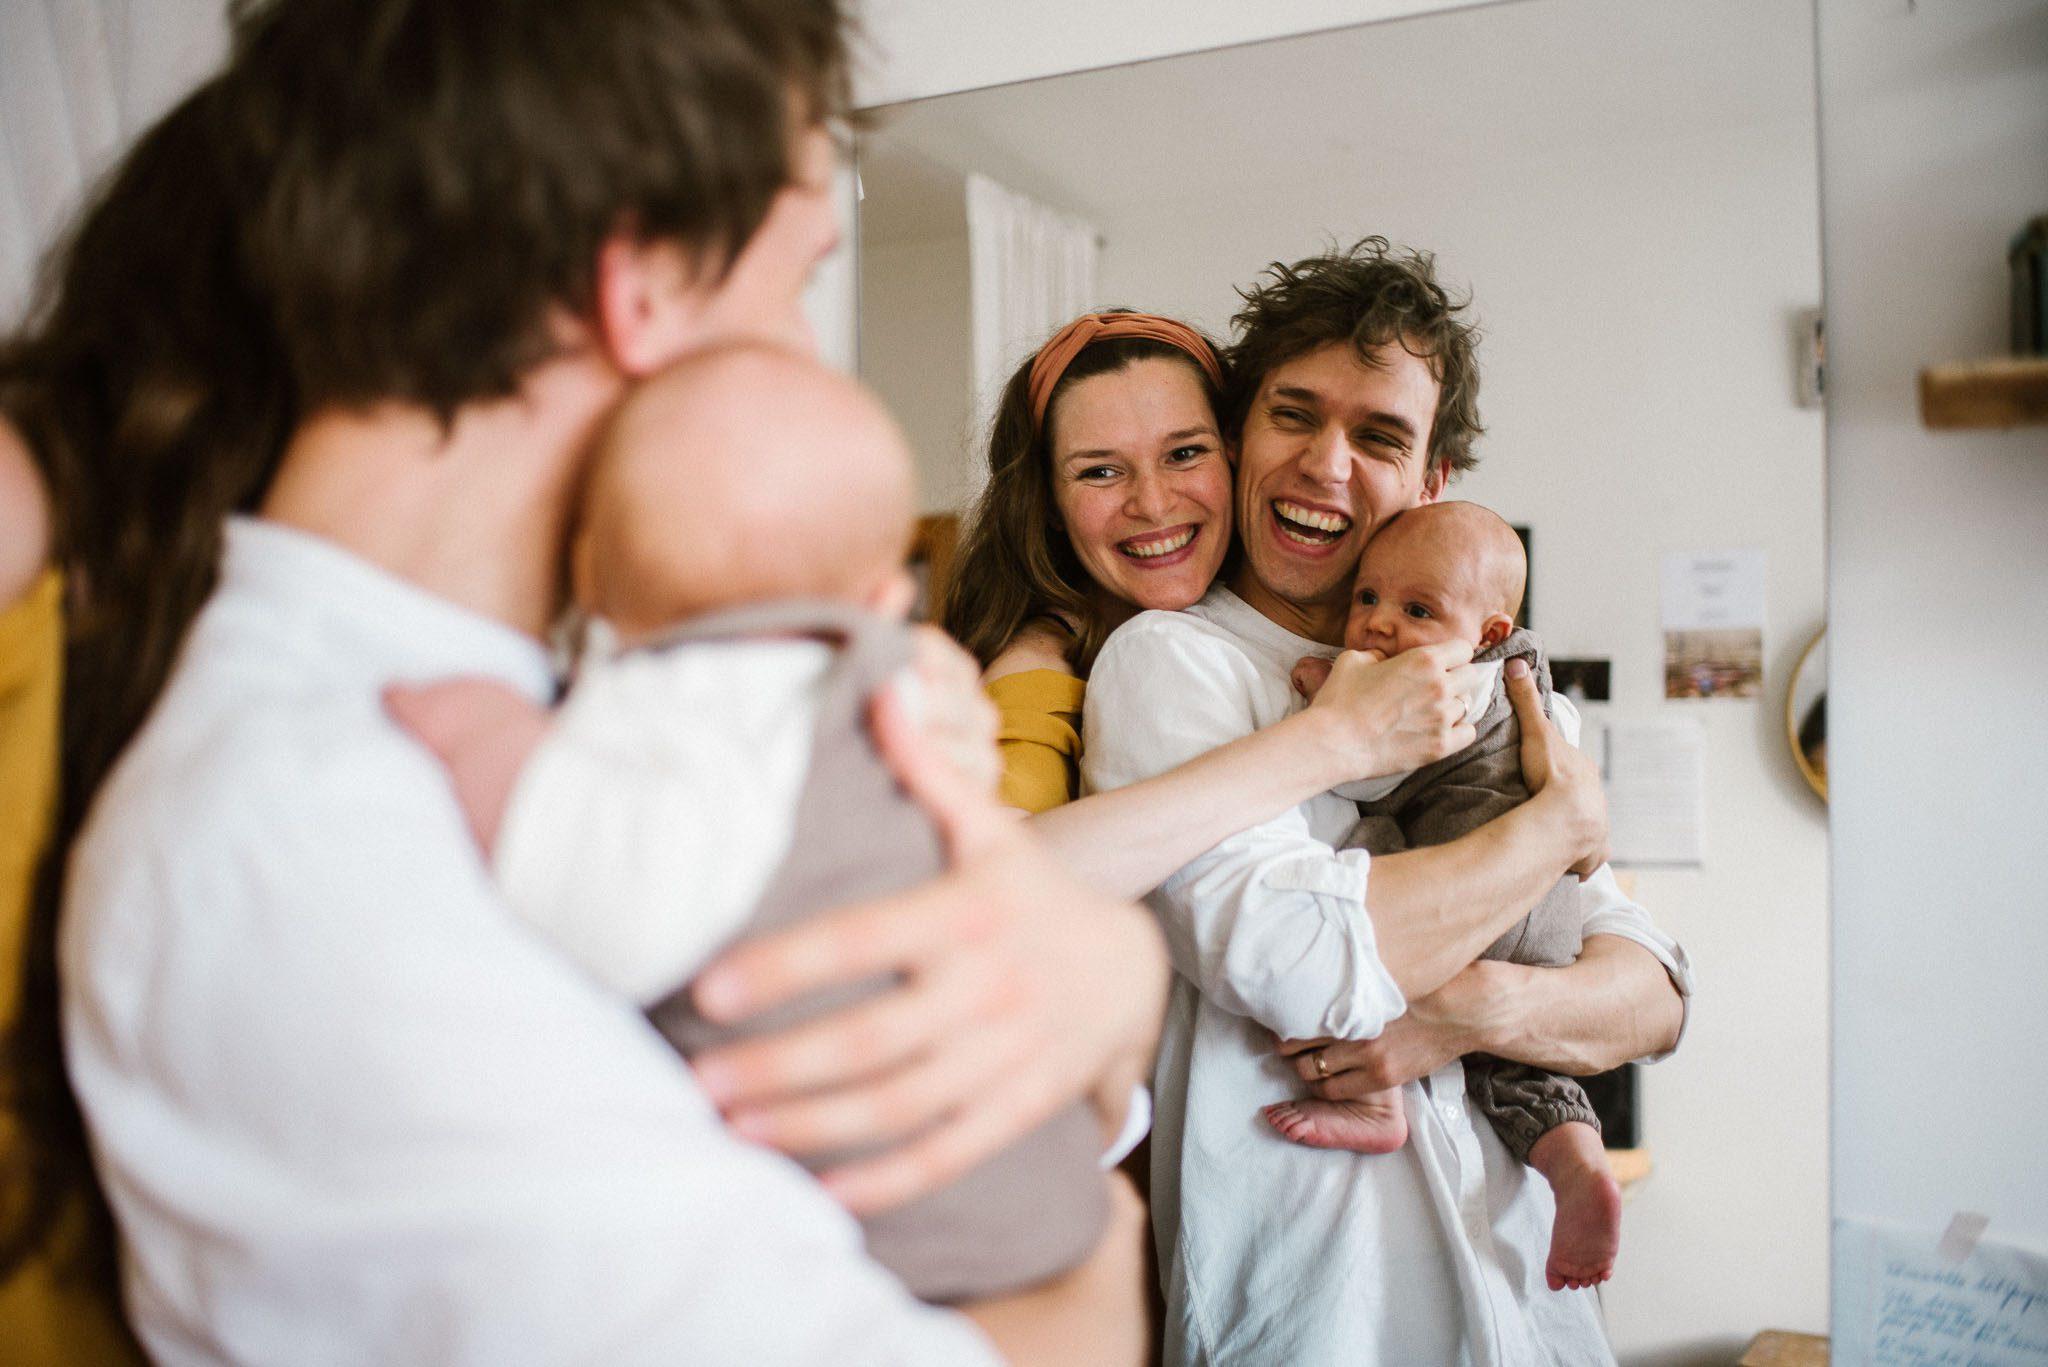 Portret rodzinny w lustrze - Sesja niemowlęca lifestyle w domu Poznań